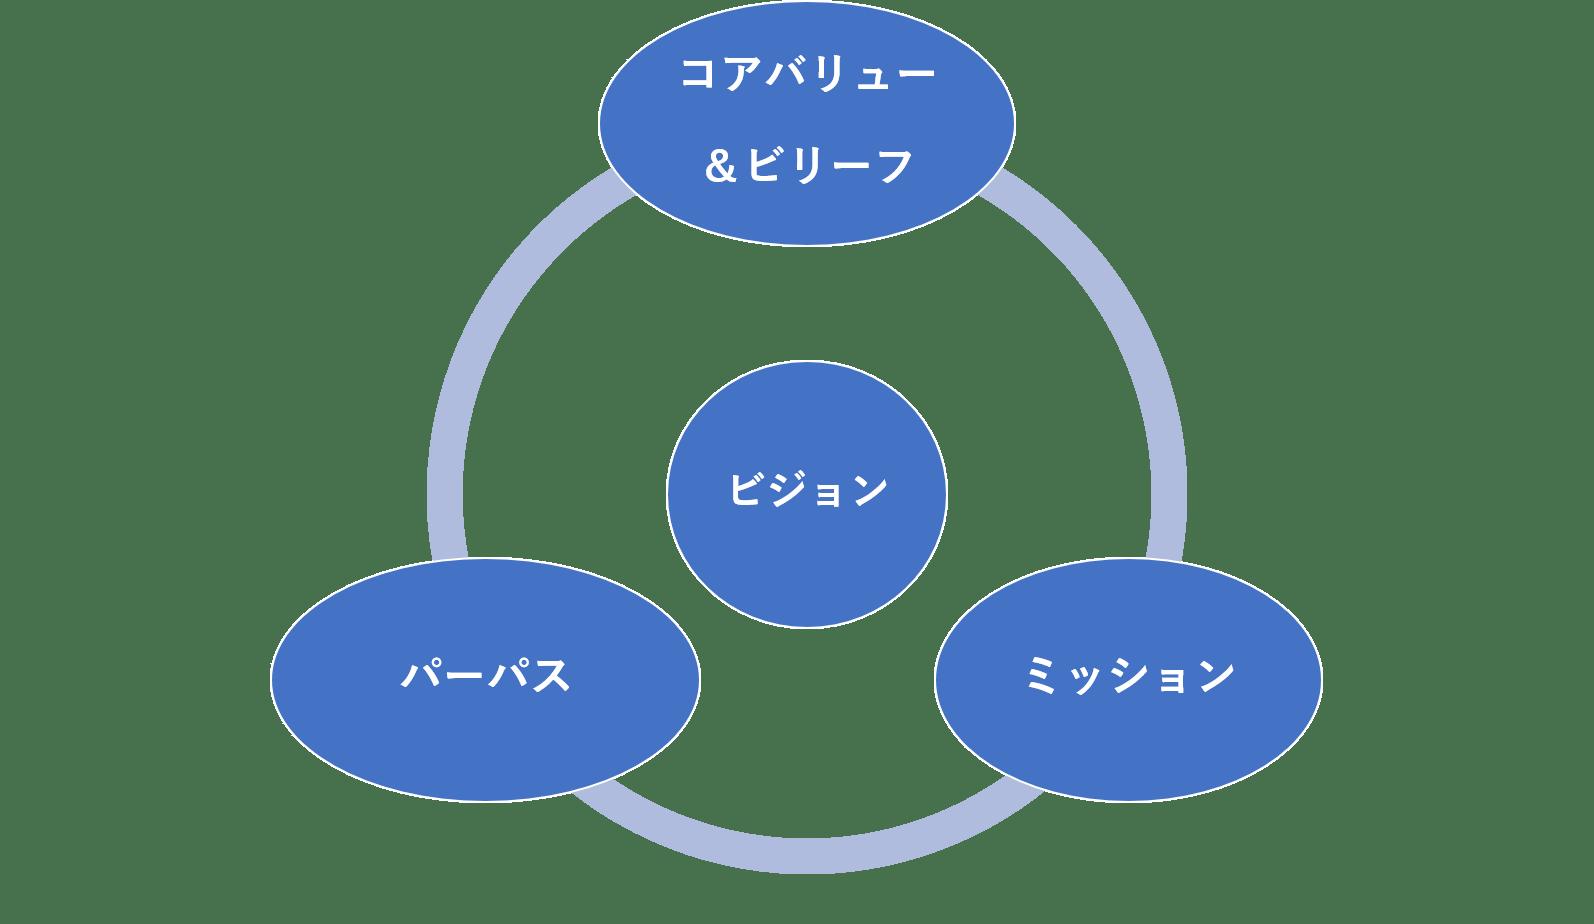 ジムコリンズのビジョンフレームワーク